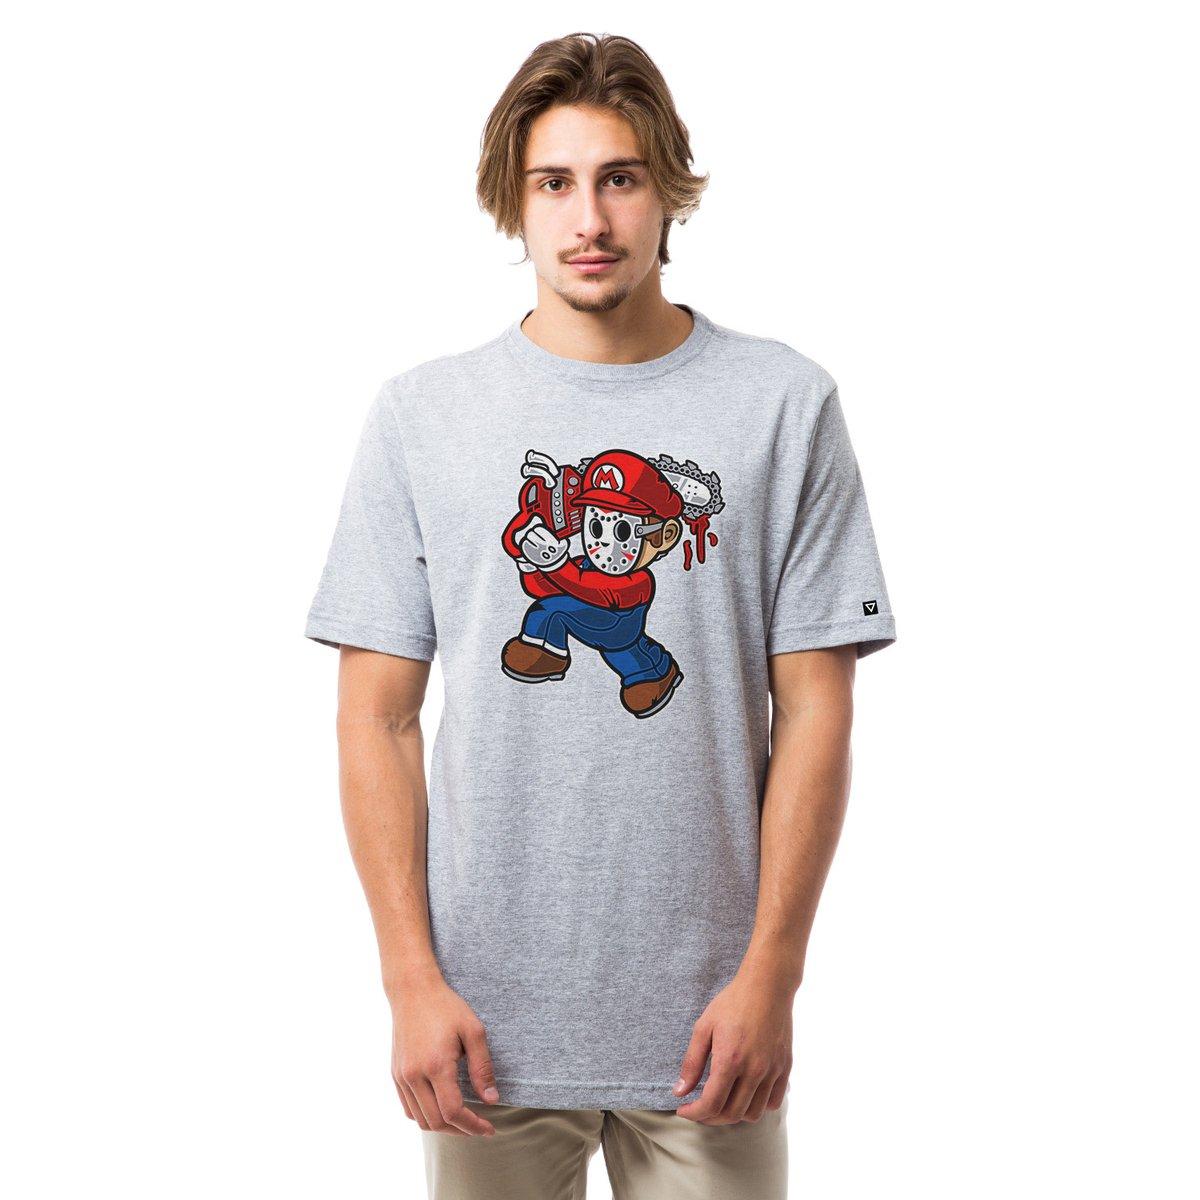 dd10a8c88 Camiseta Liv Geek Mariossacre - Compre Agora